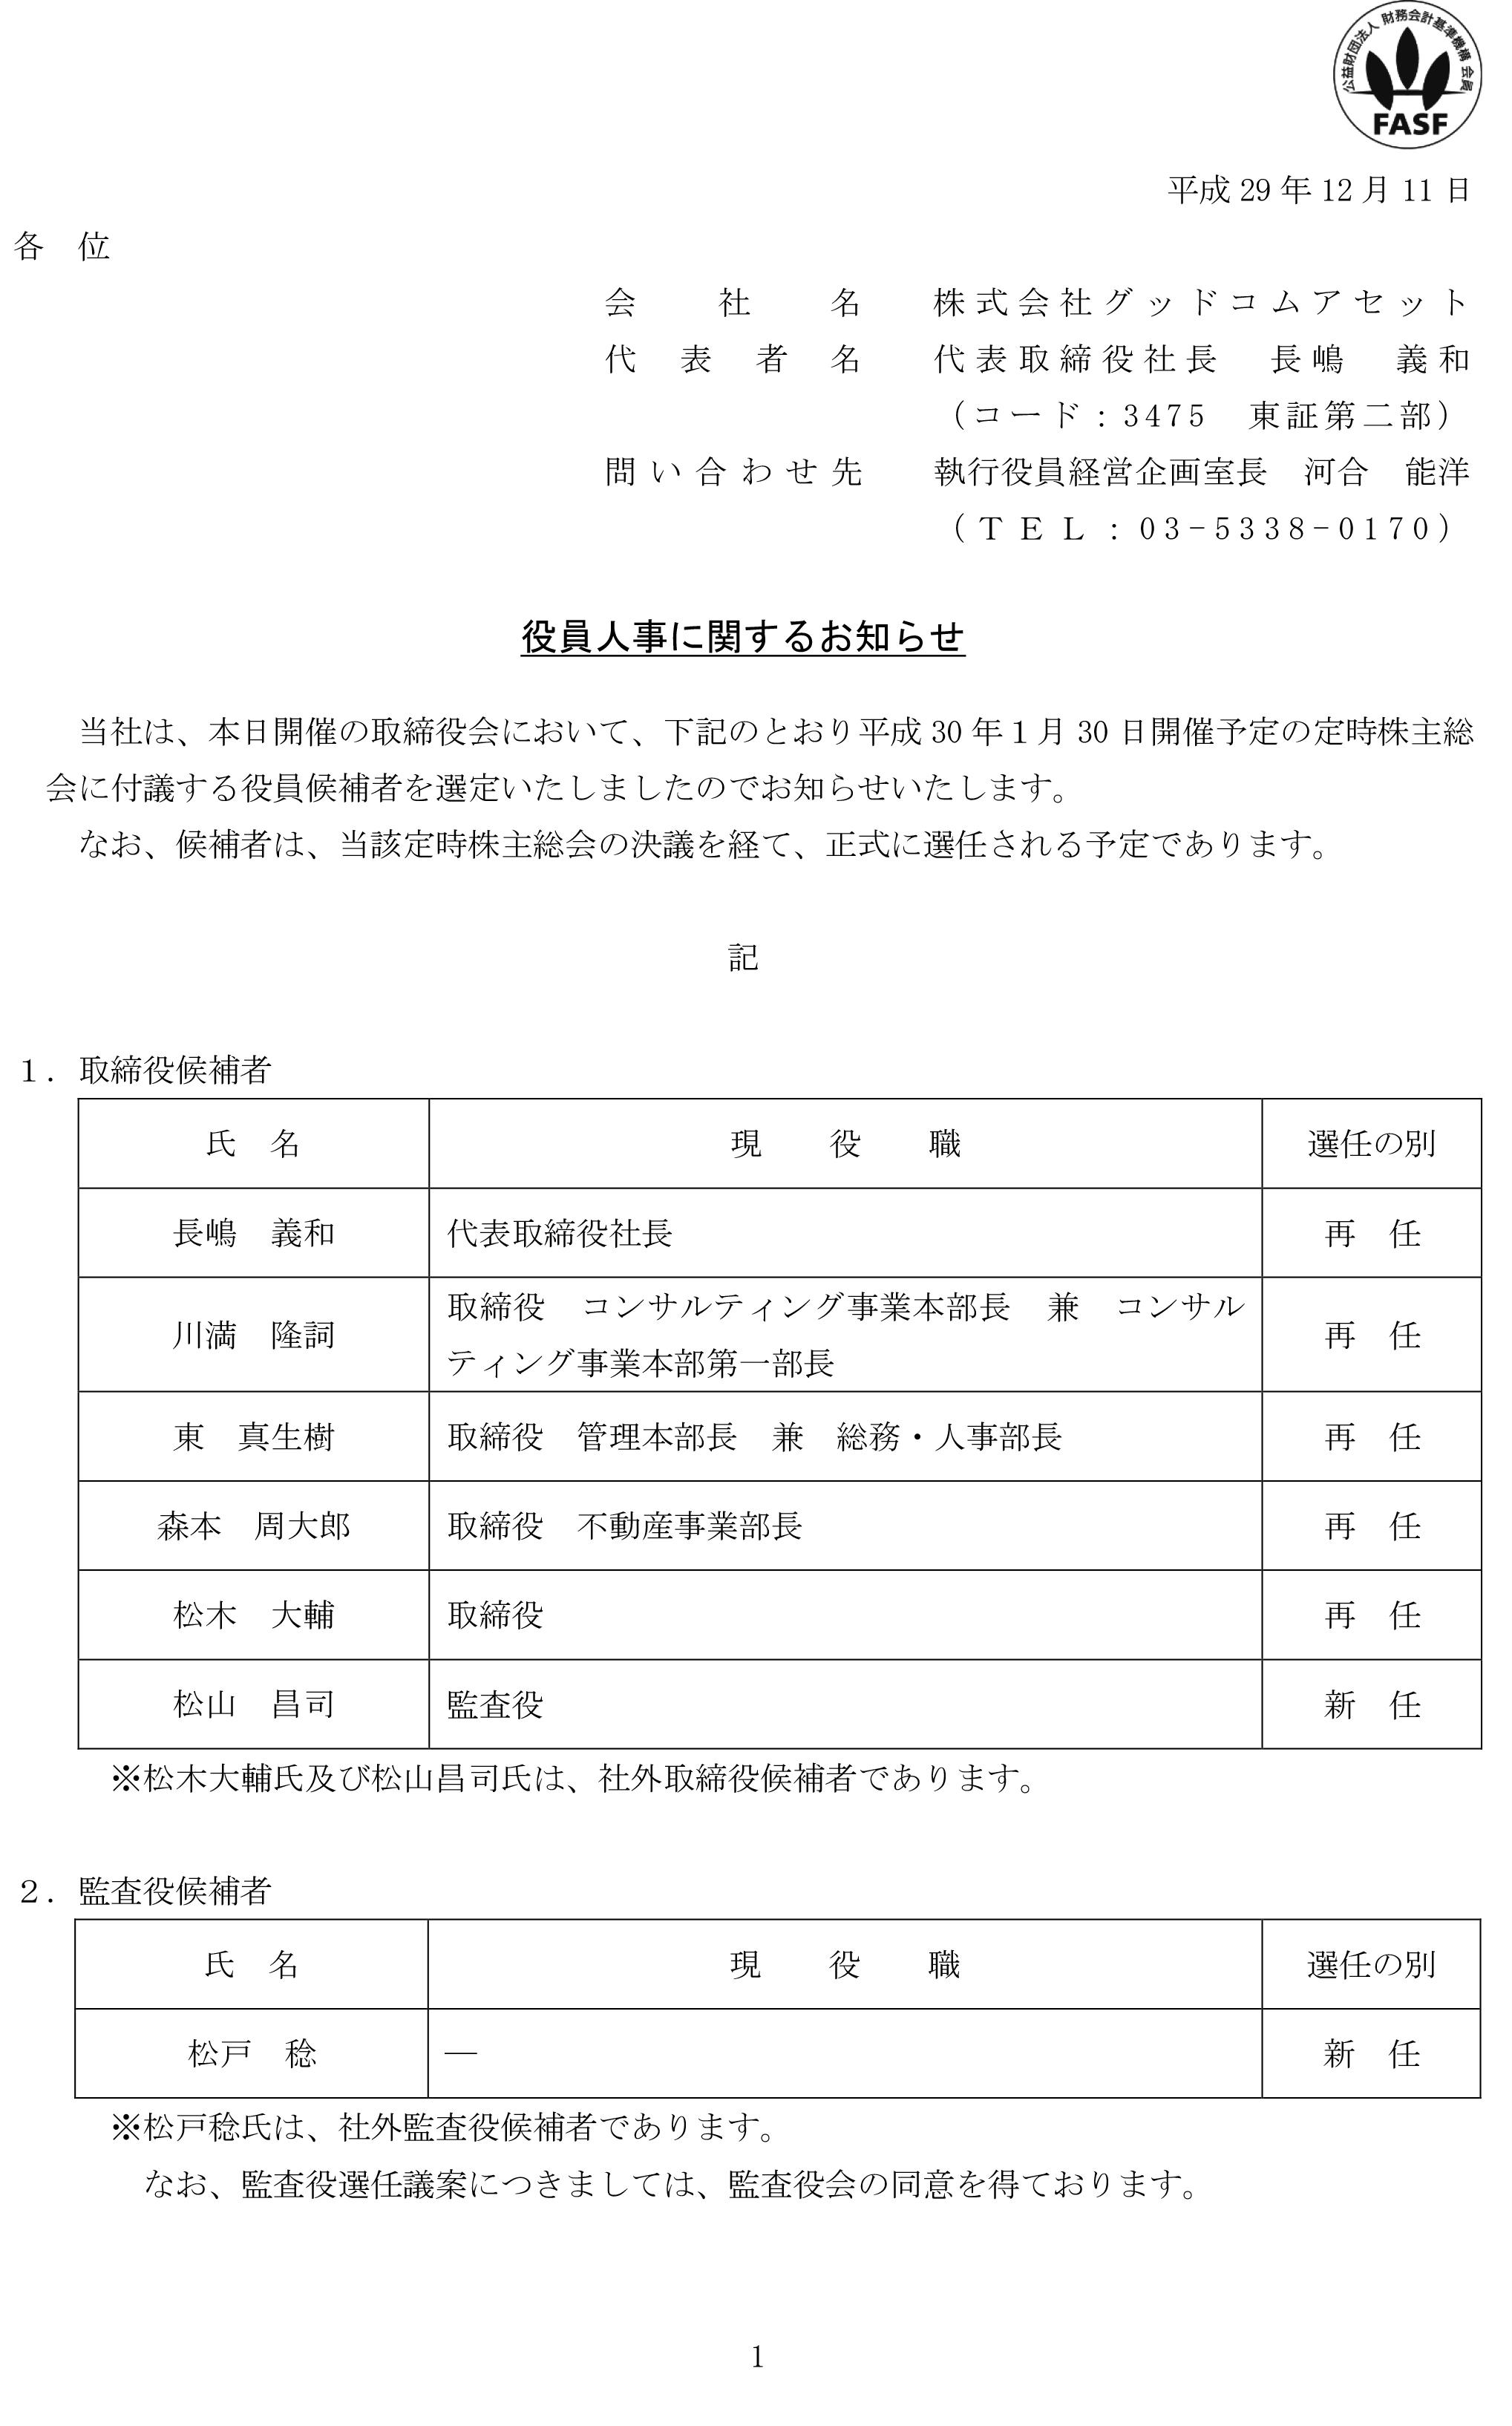 17-12-11役員人事に関するお知らせ-1